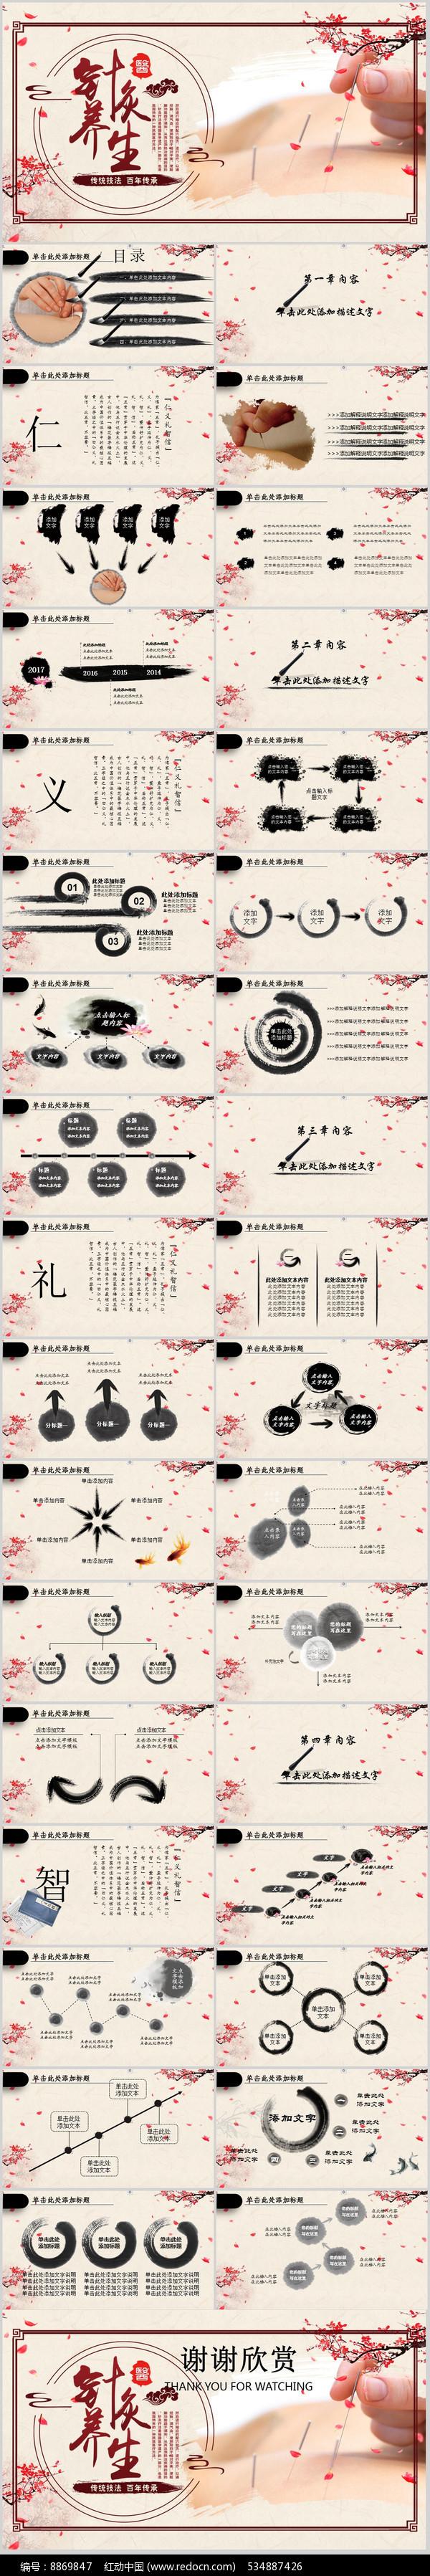 中国风中医针灸动态PPT模板图片